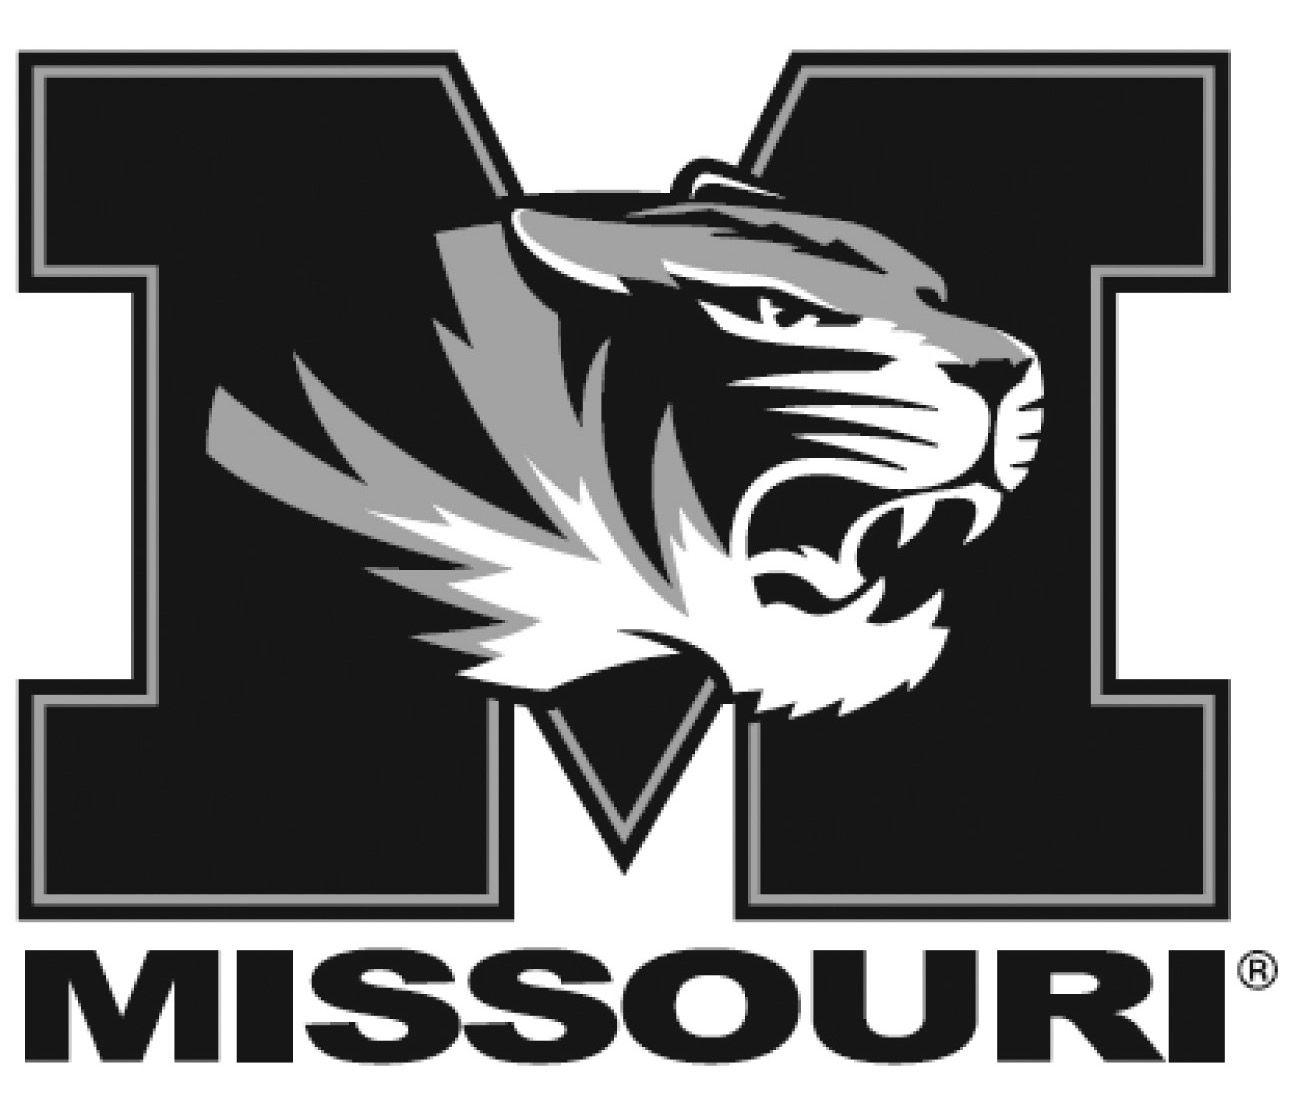 Missouri University of Science and Technology - Wikipedia